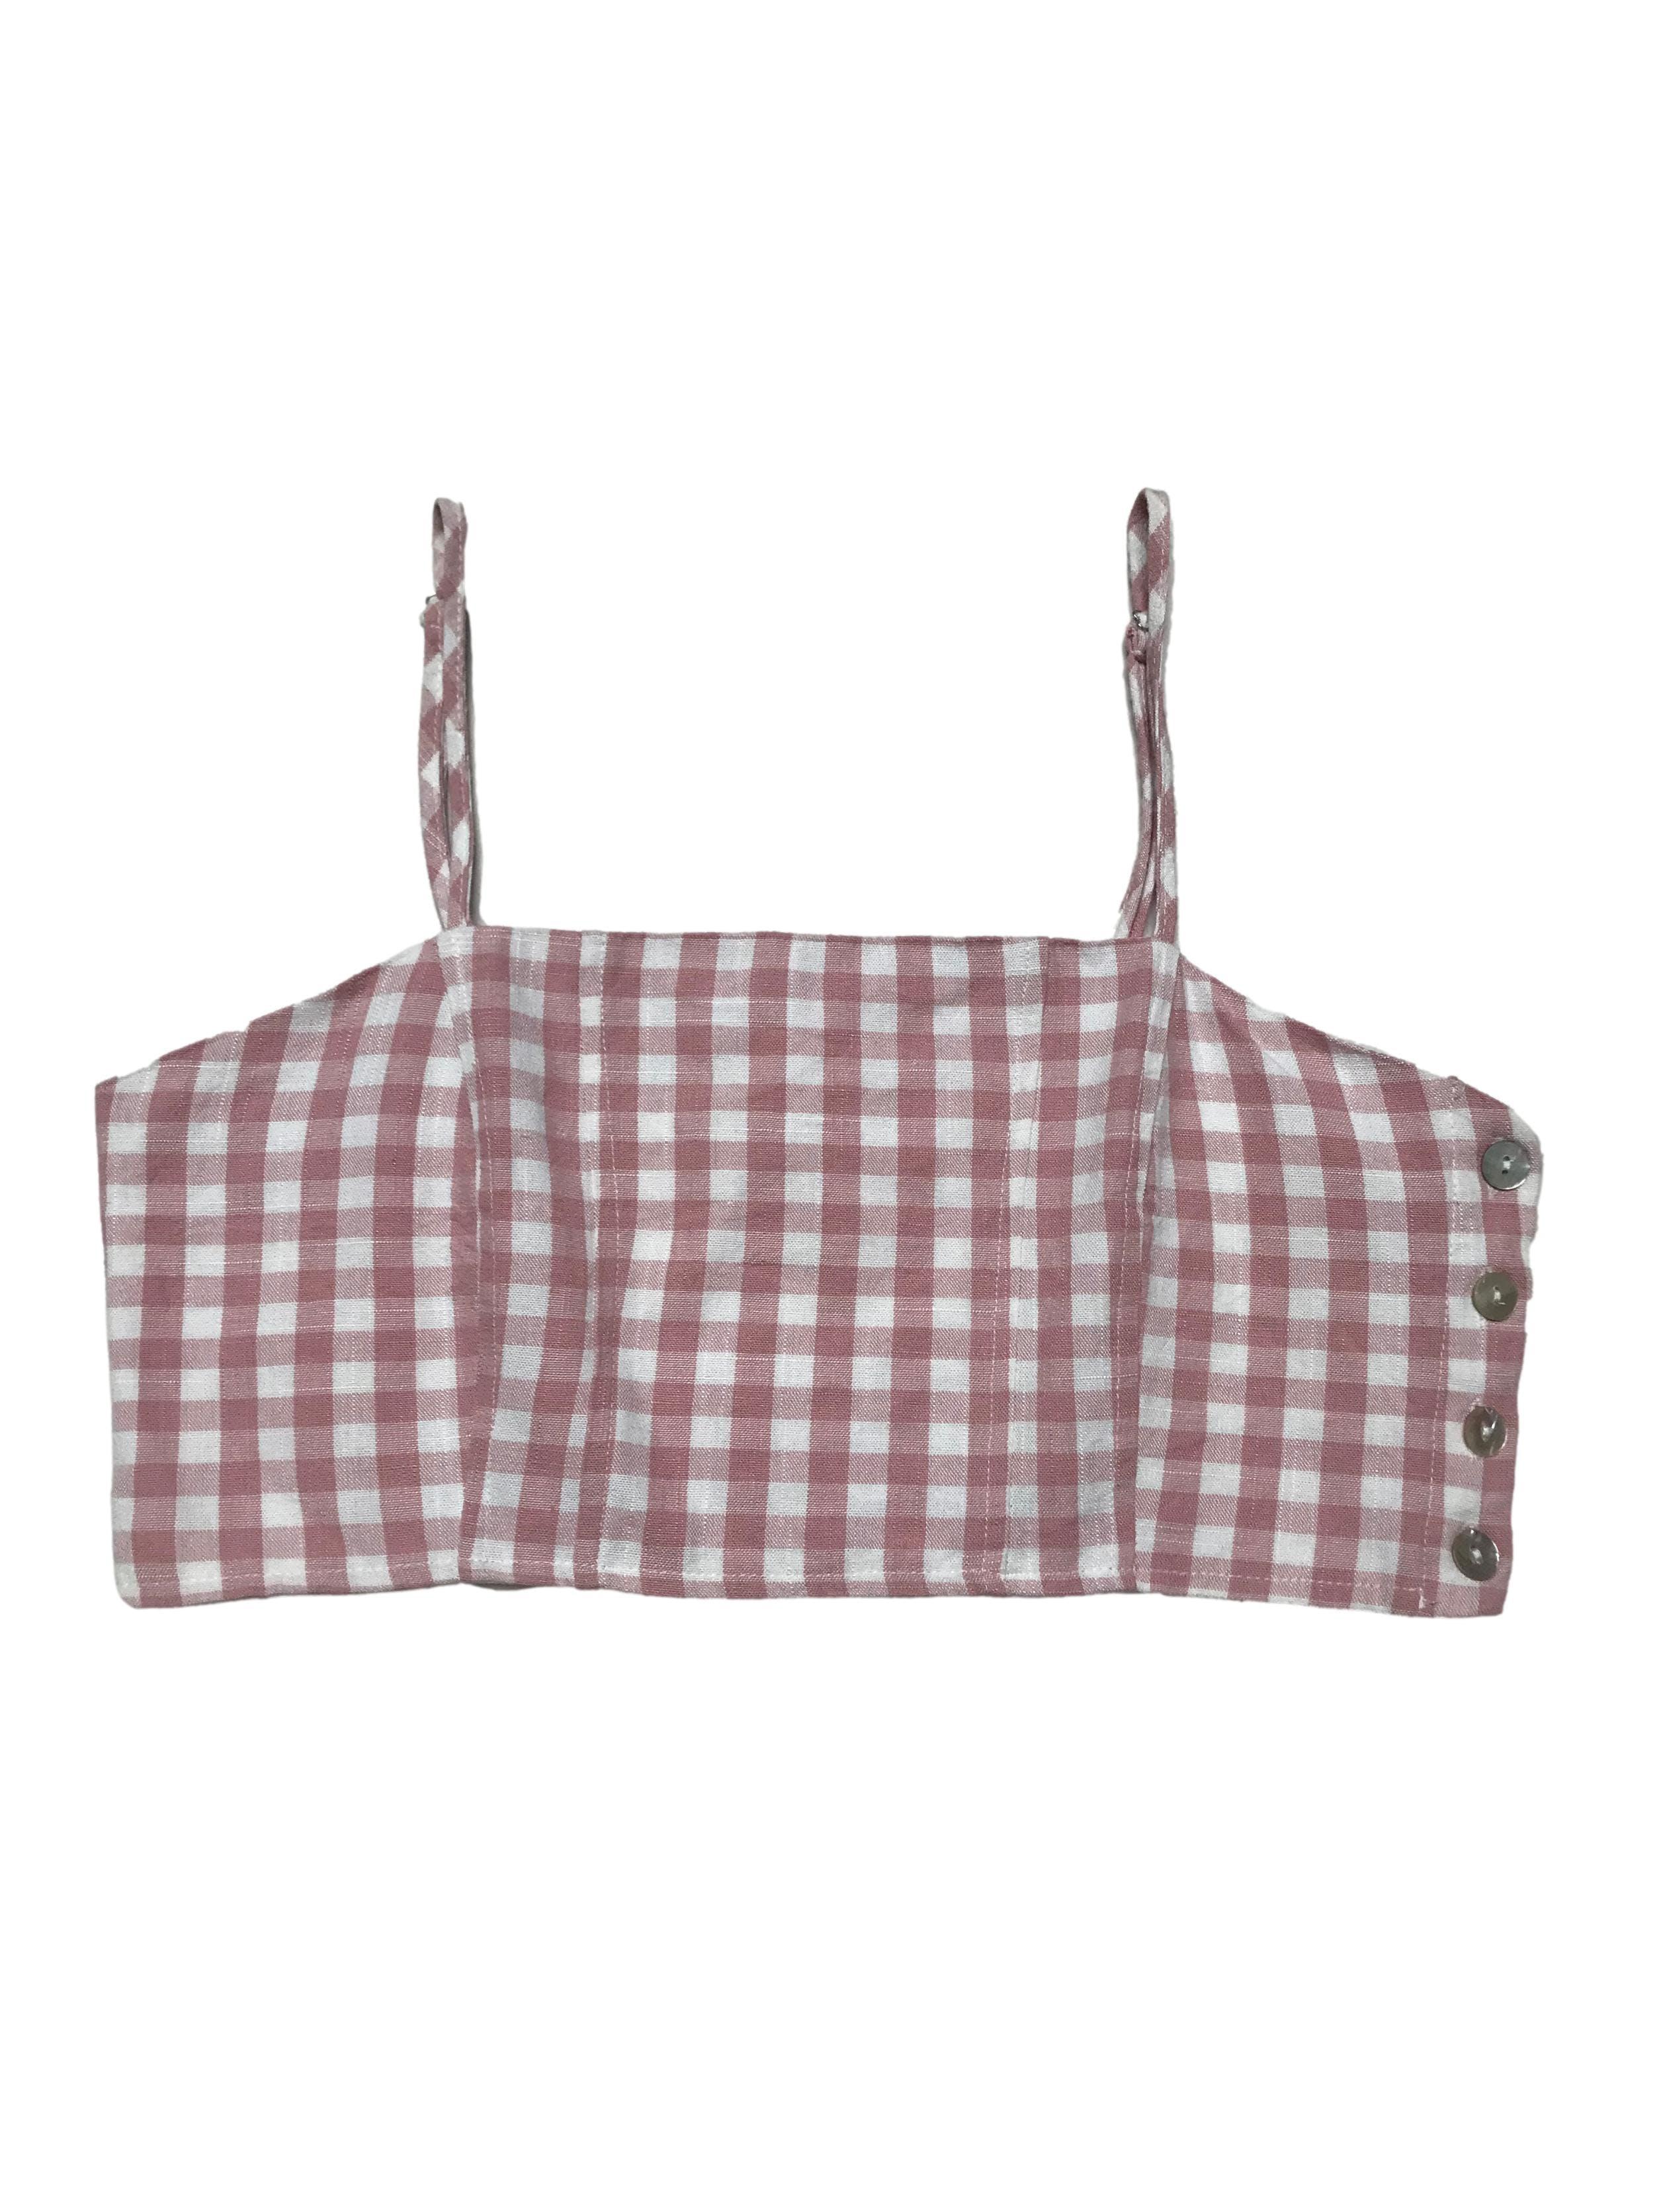 Top Index de vichy rosa y blanco, textur tipo lino con forro interno, cierra con botones nacarados al lado.  Busto 98cm Largo 22cm